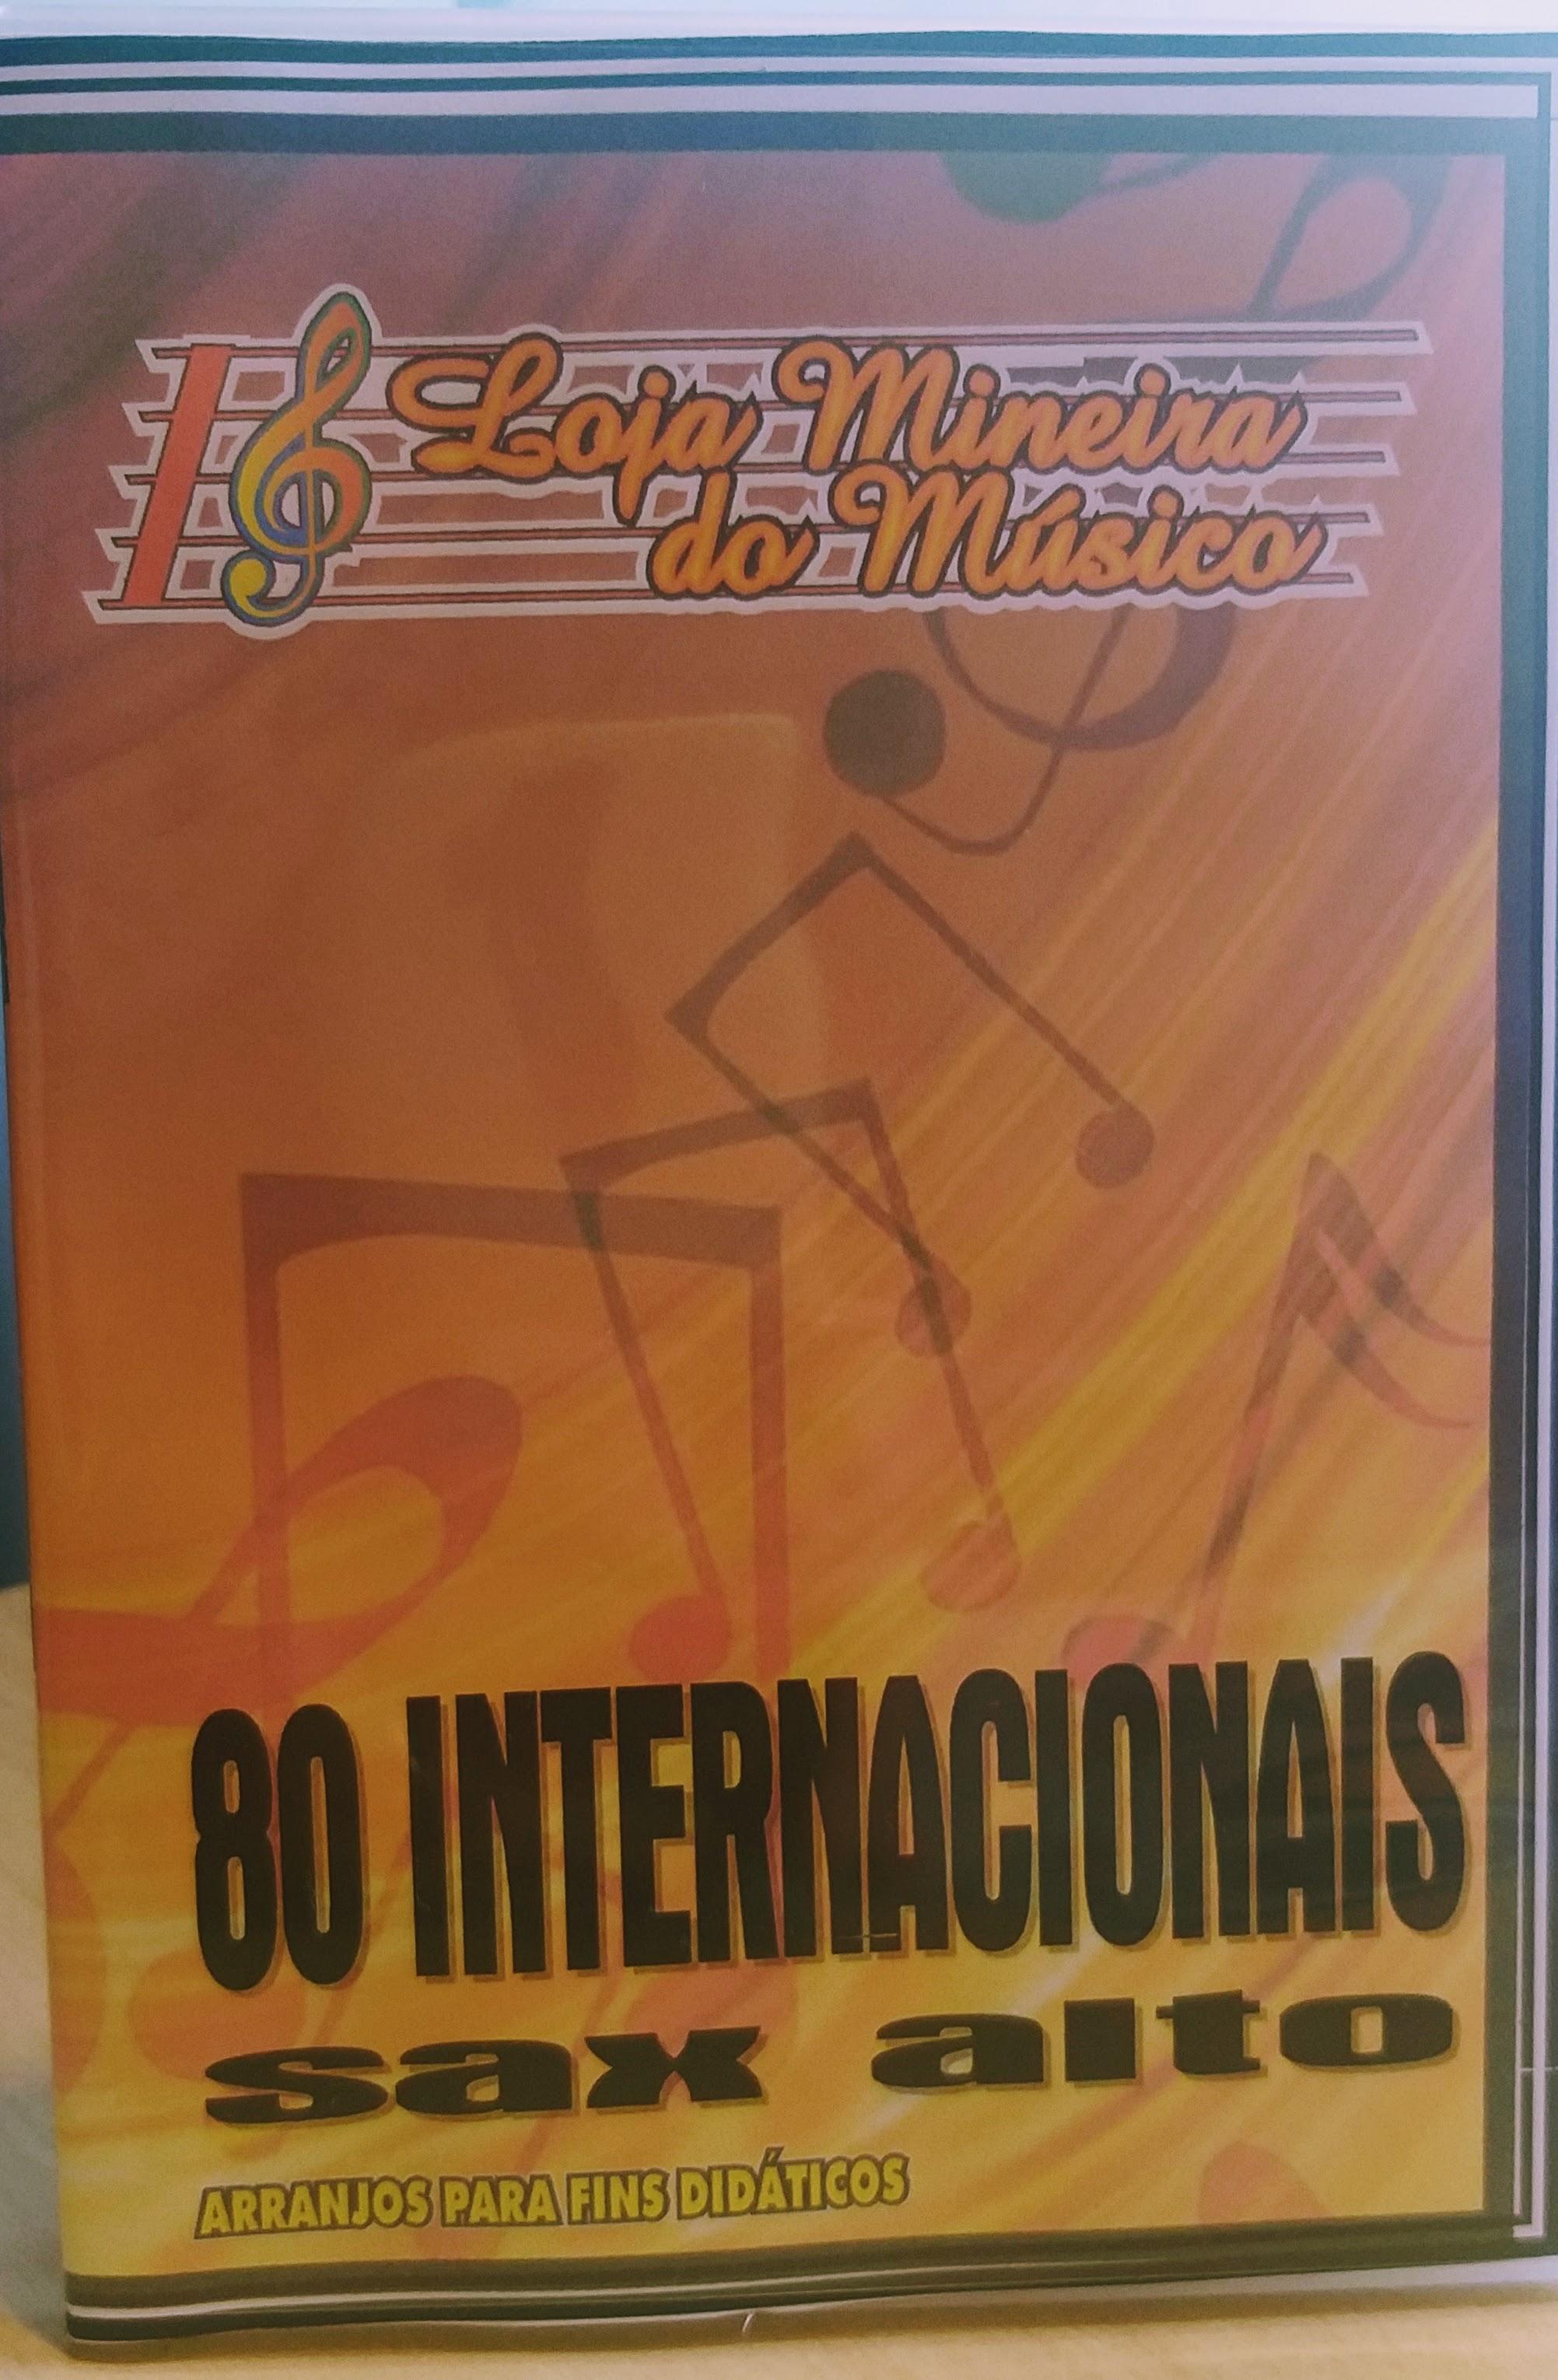 partituras internacionais para sax alto em pdf